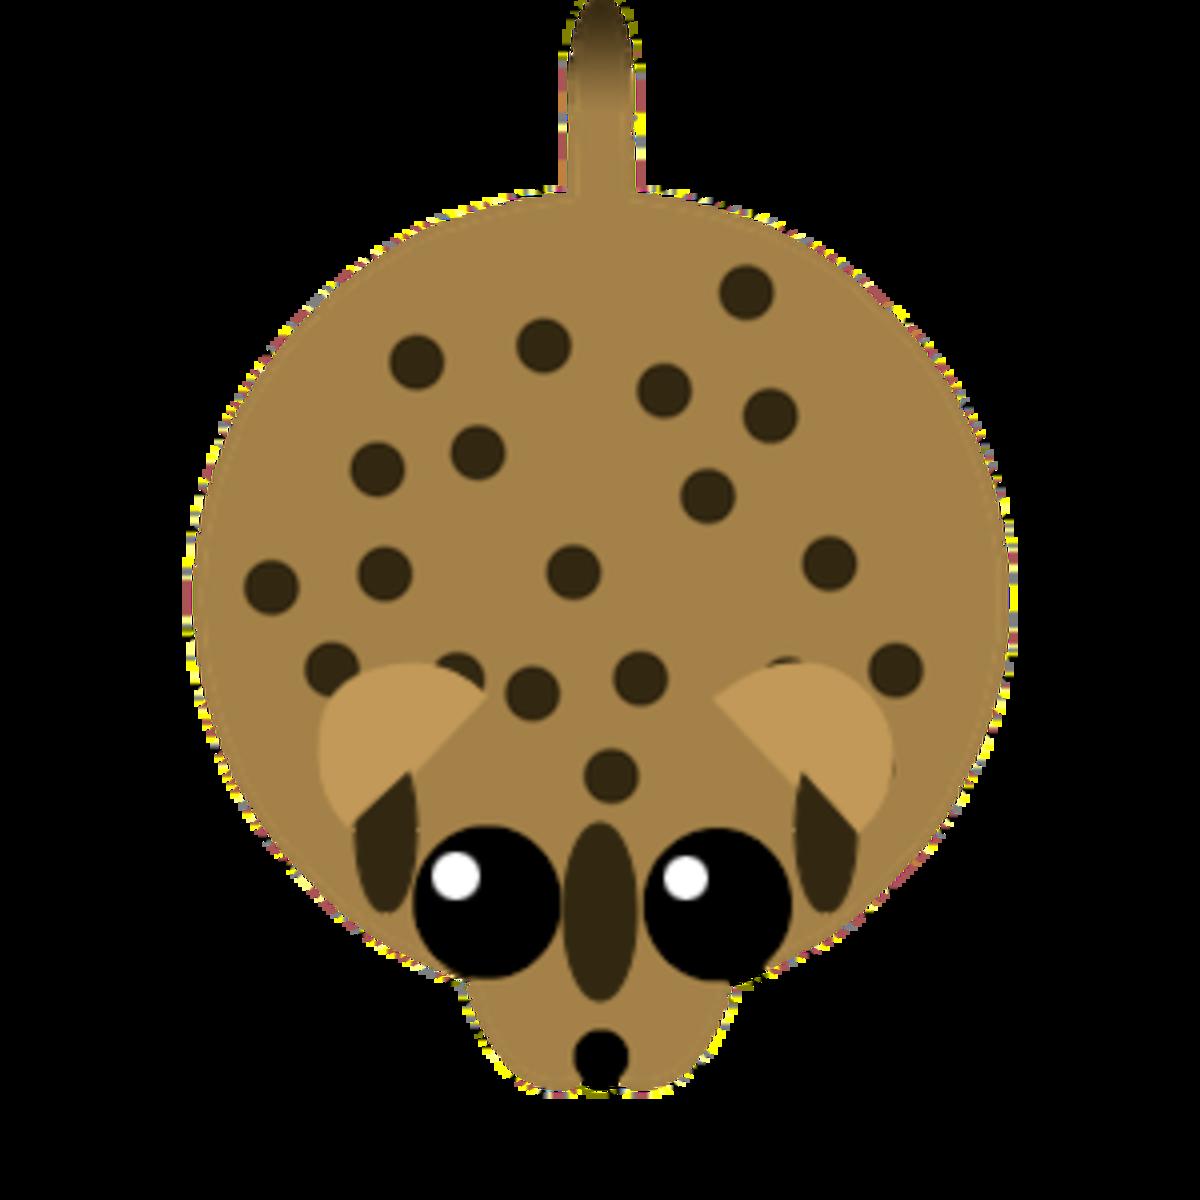 Ocelot